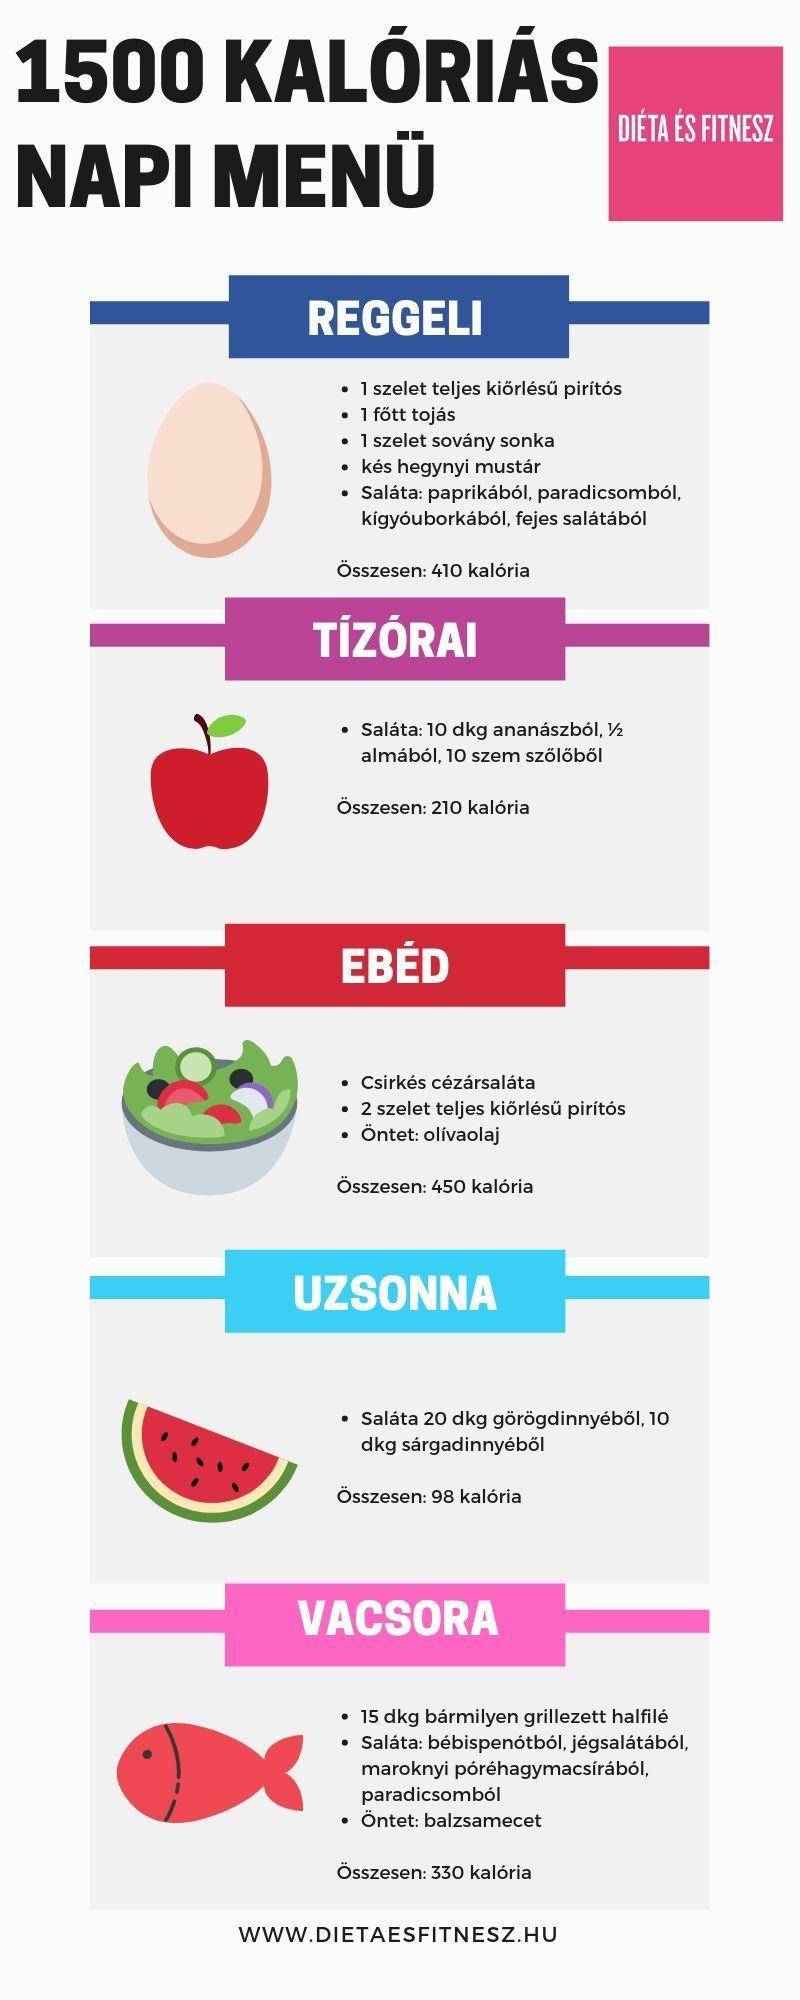 magas vérnyomás cukorbetegség diéta a magas vérnyomás fogyatékossági csoportot kap